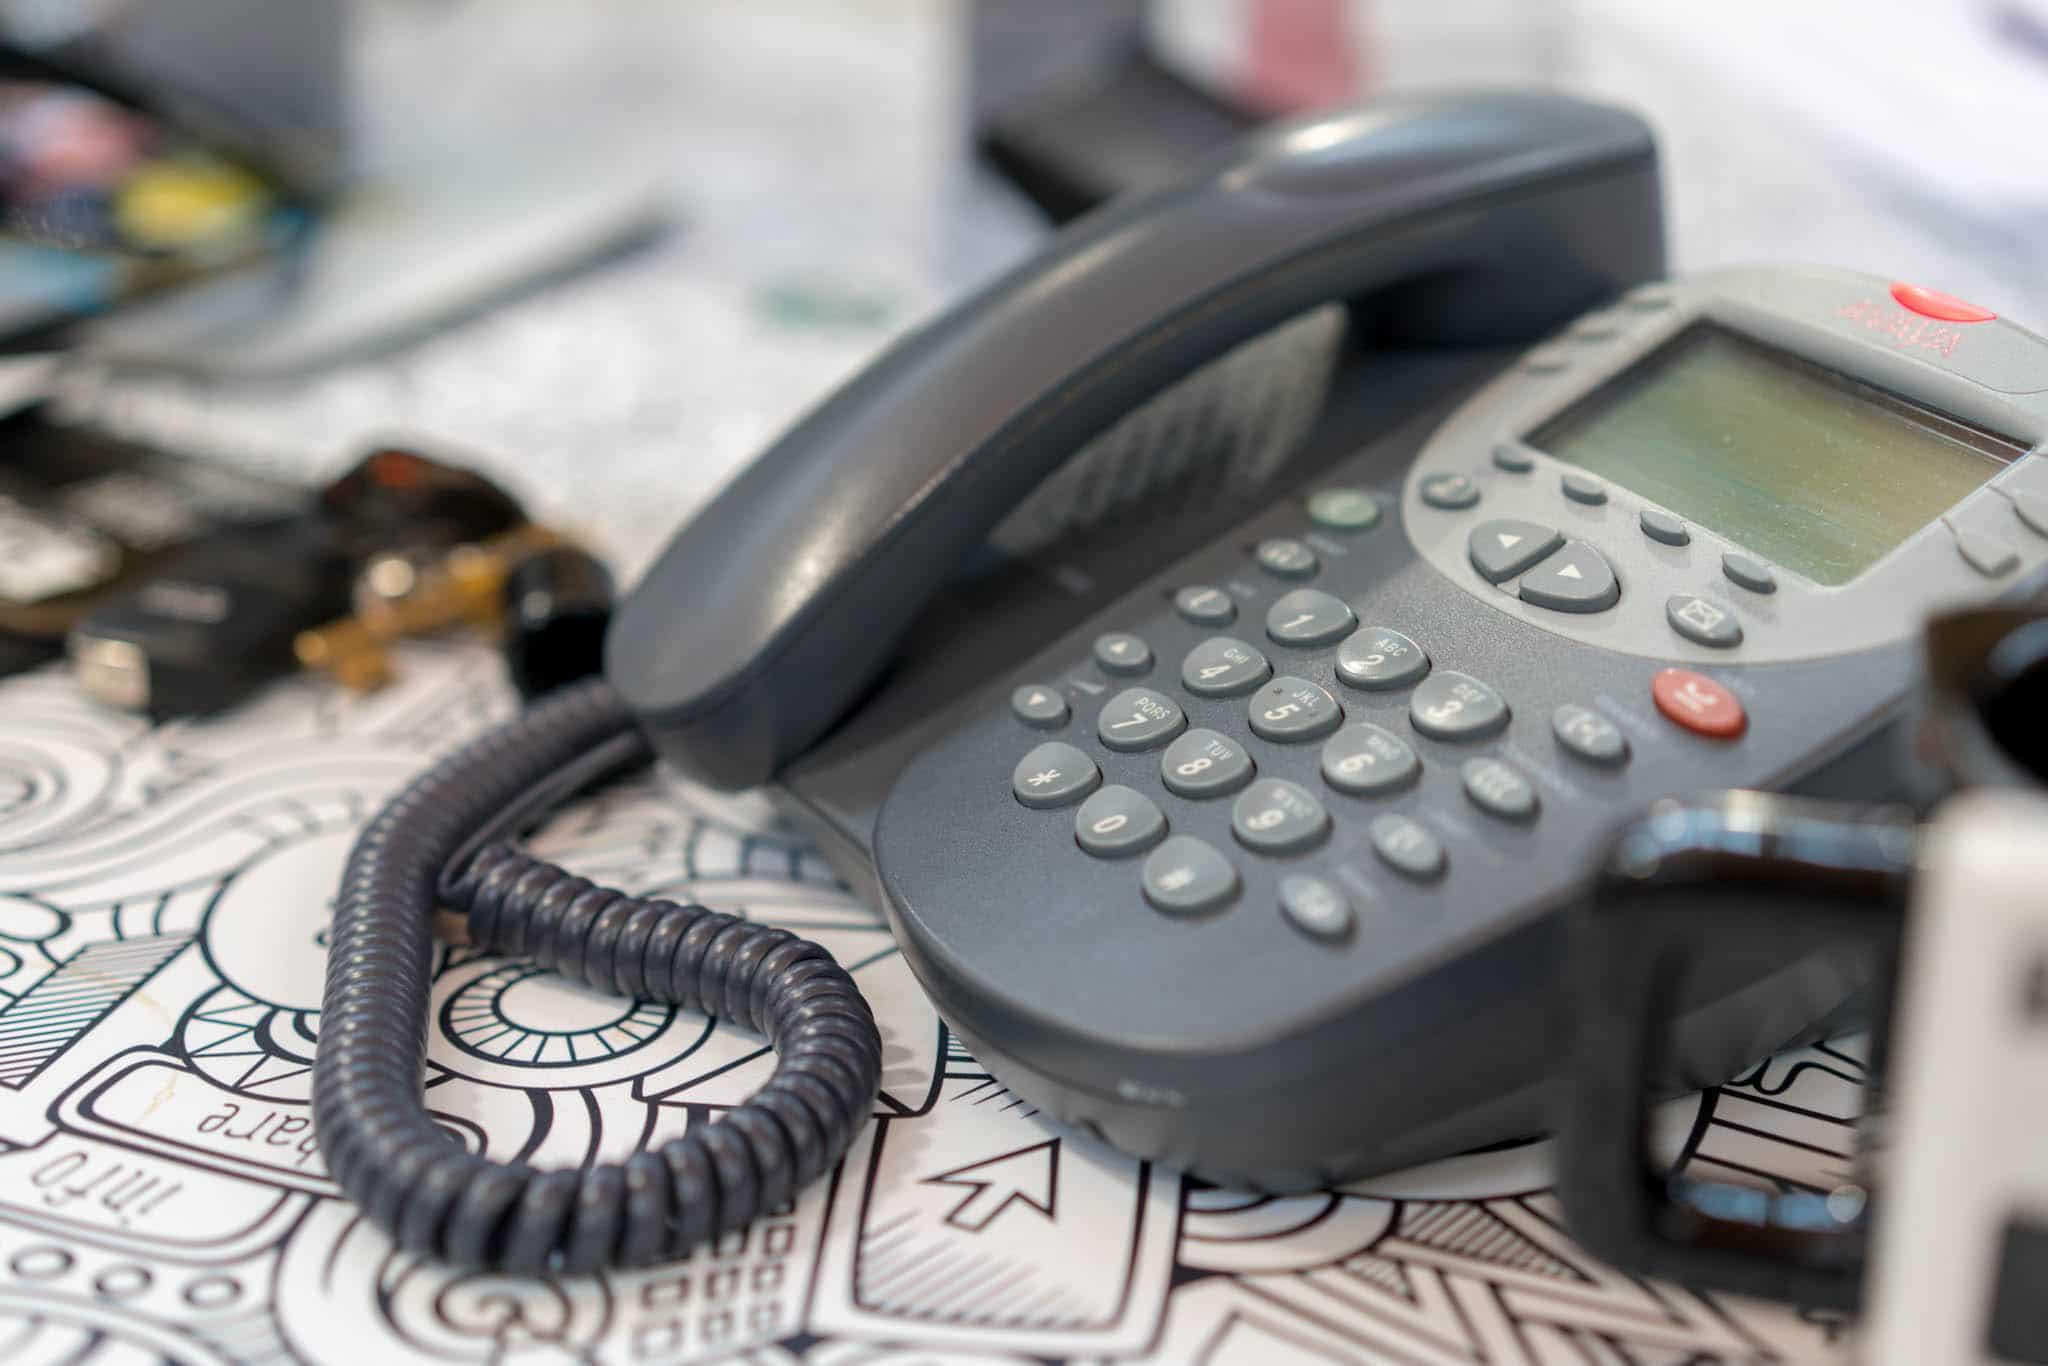 coronavirus financial support phone